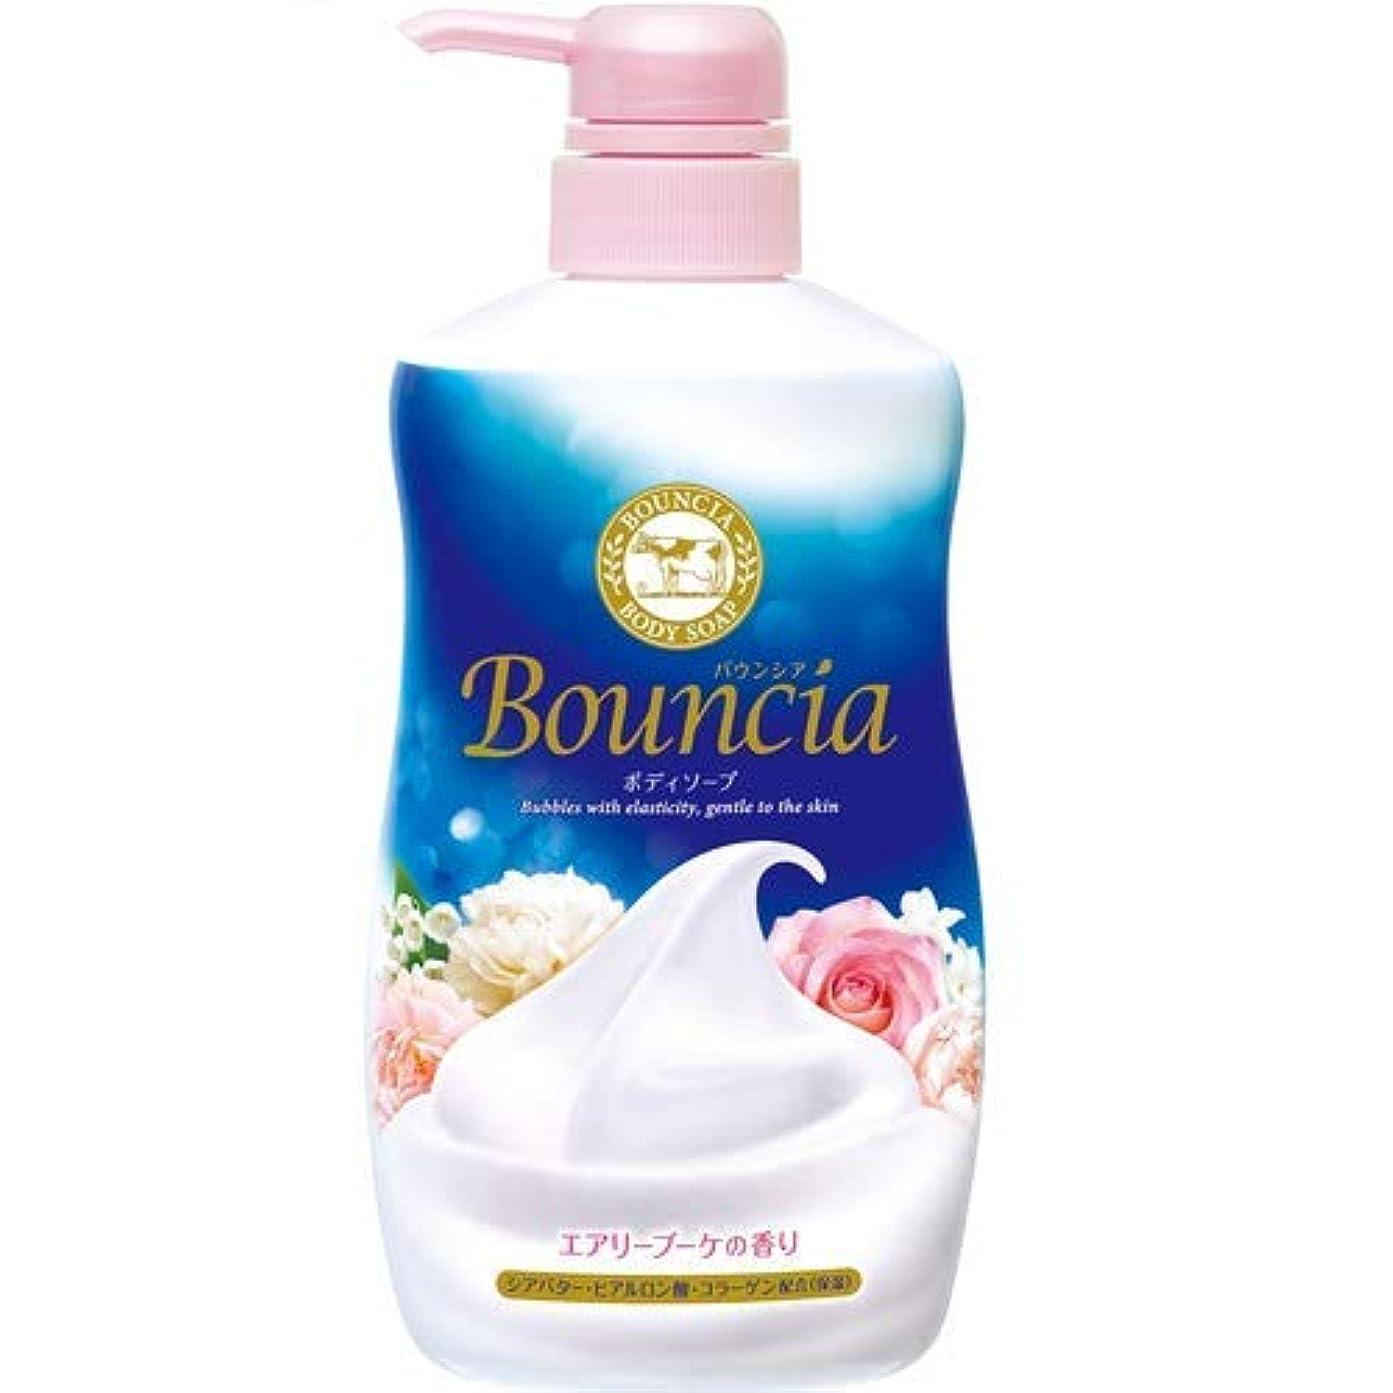 物質居心地の良いラババウンシアボディソープ エアリーブーケの香り ポンプ付?500mL × 3個セット